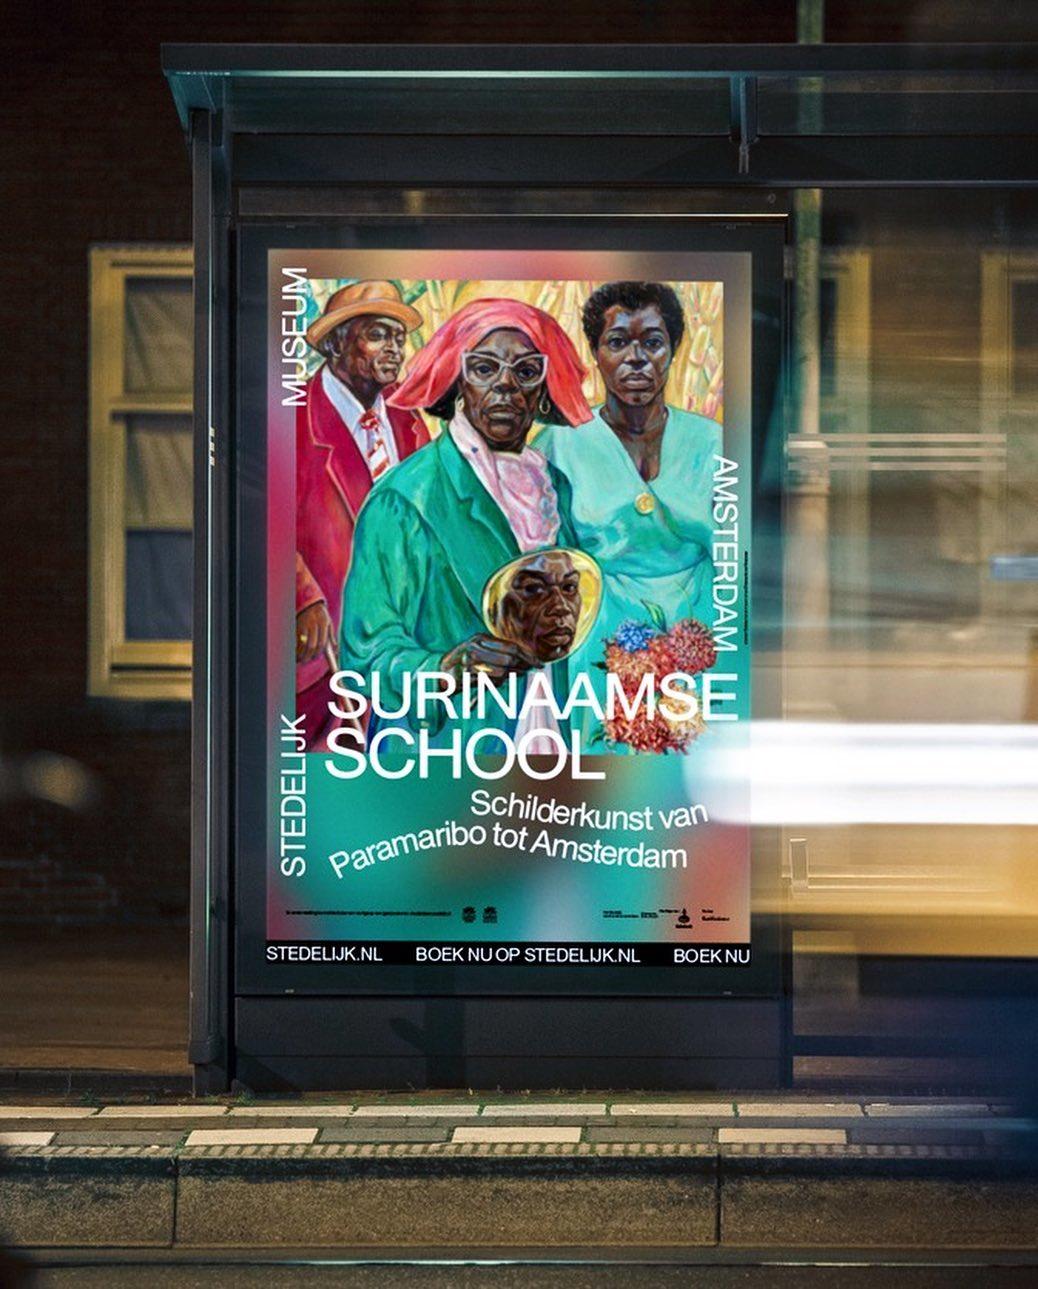 Surinaamse School